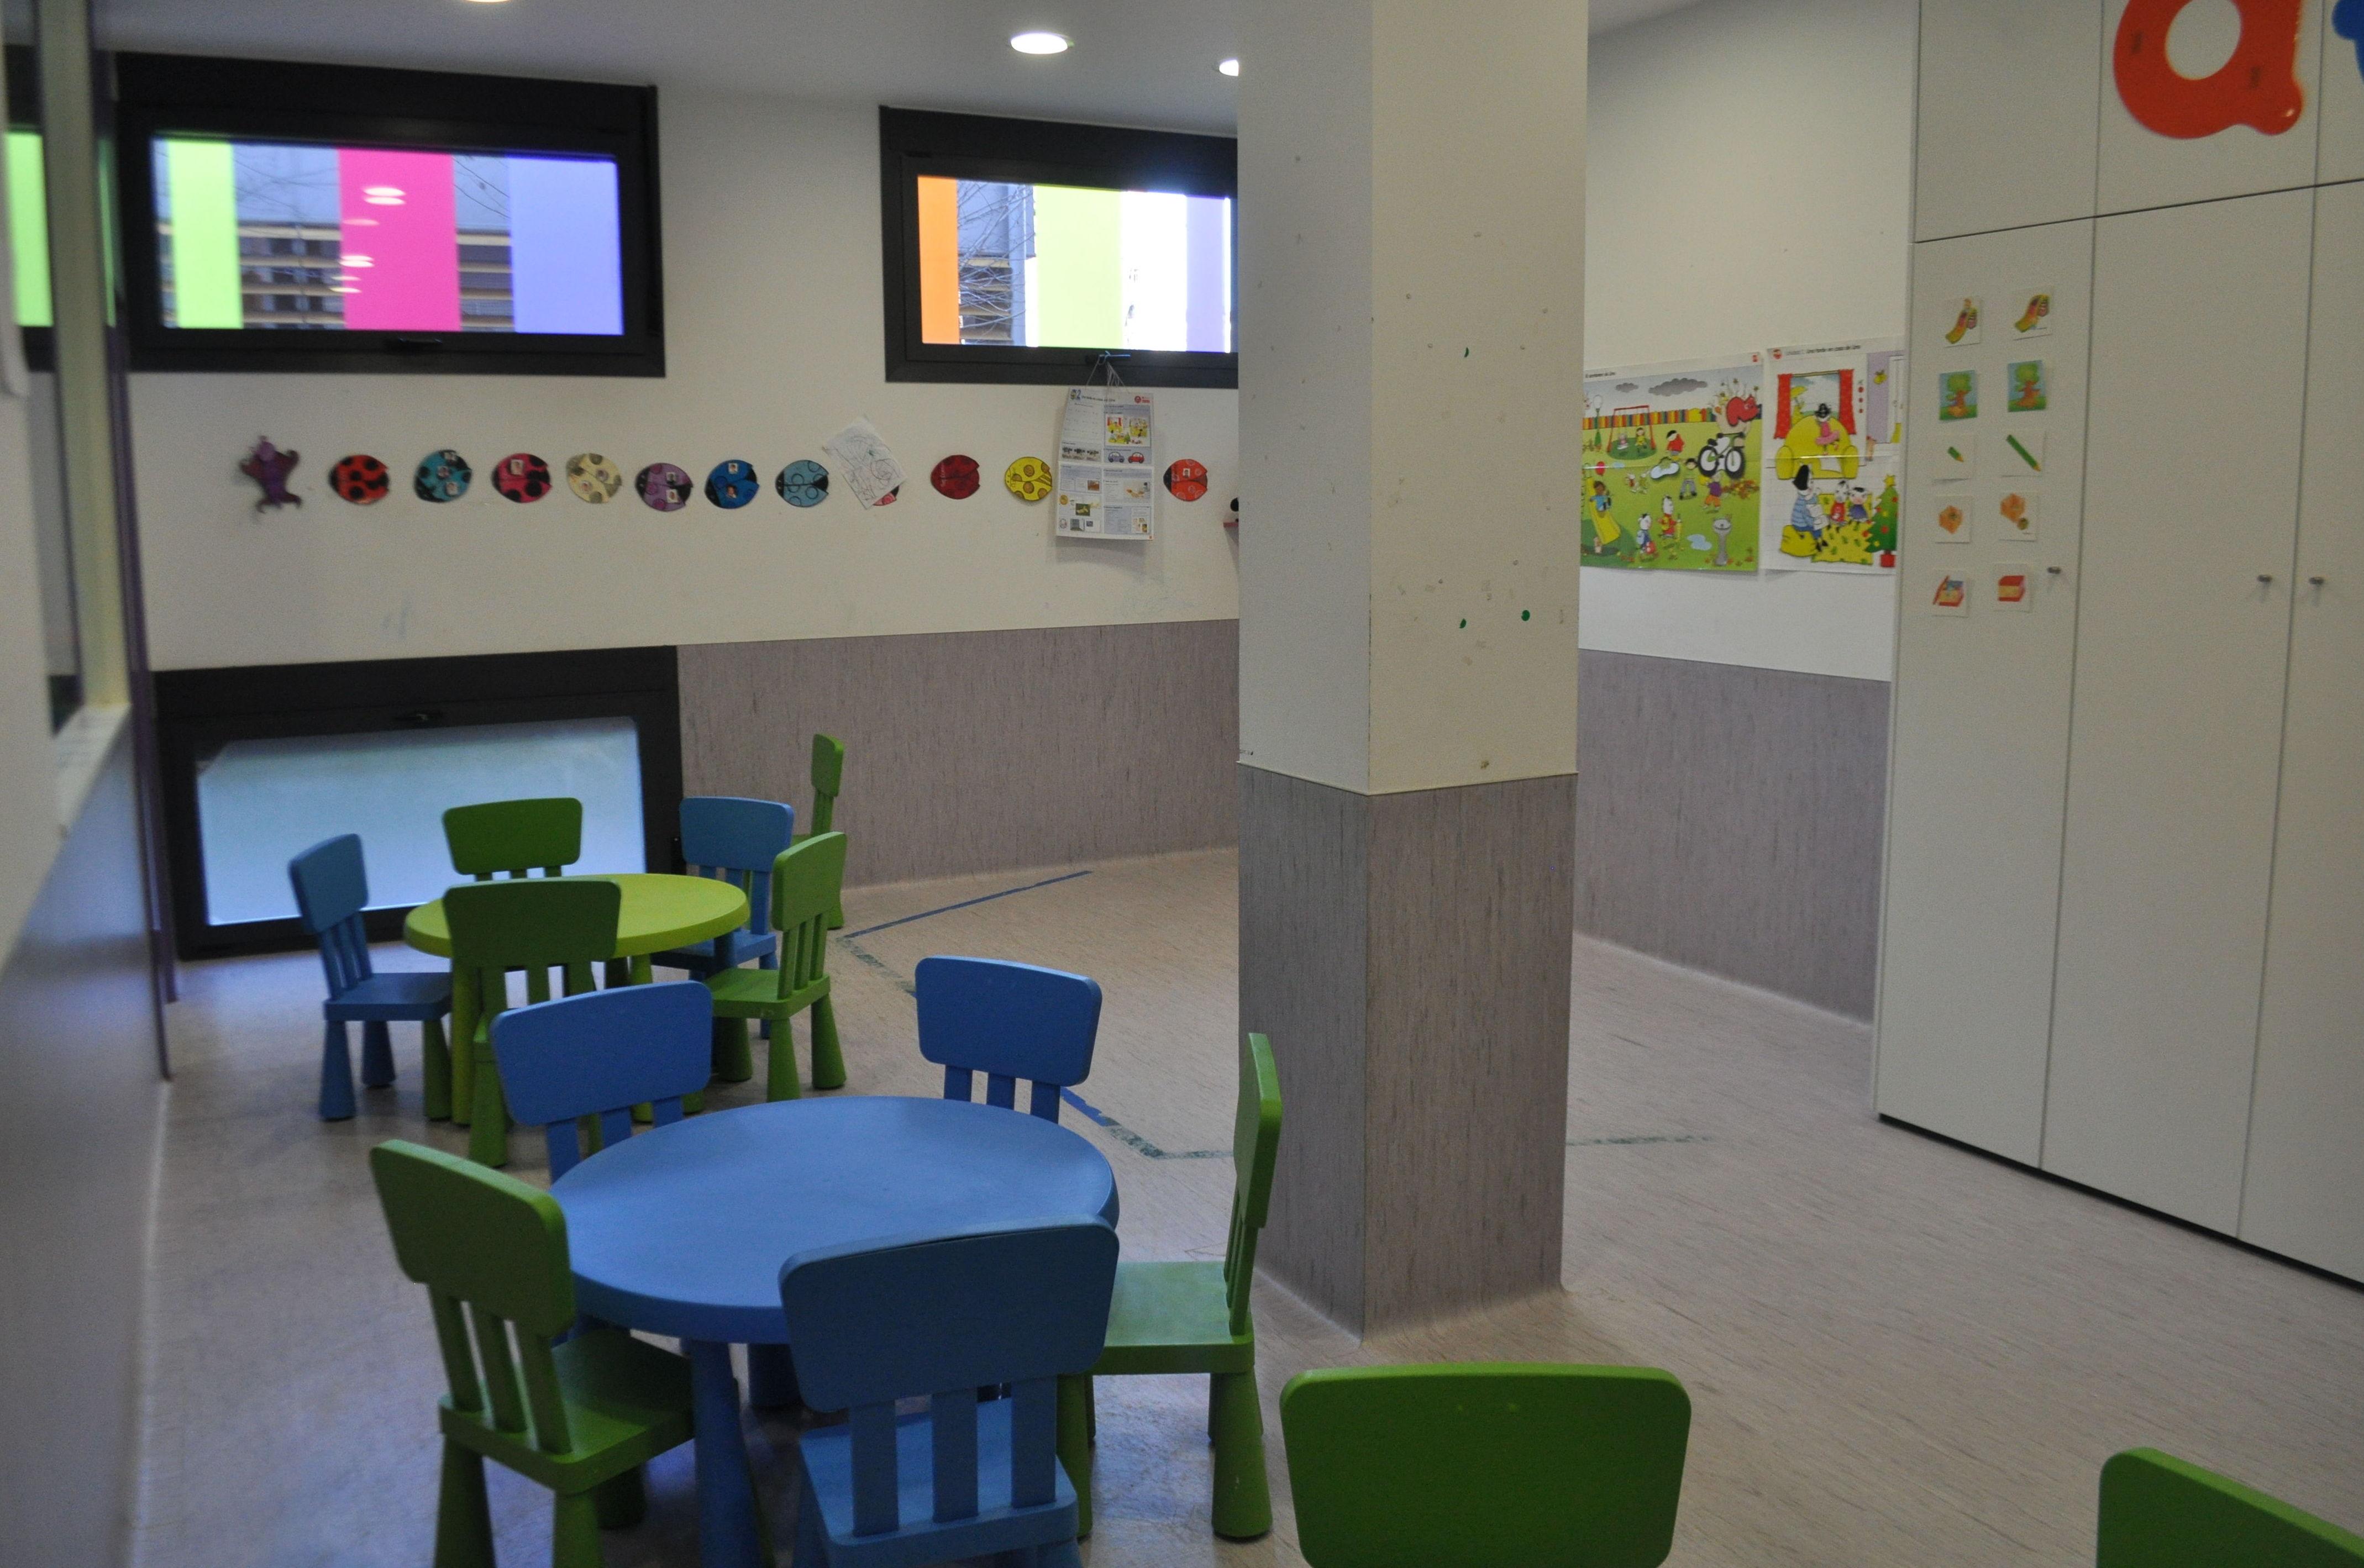 Foto 18 de Guarderías y Escuelas infantiles en Pamplona | Baby School